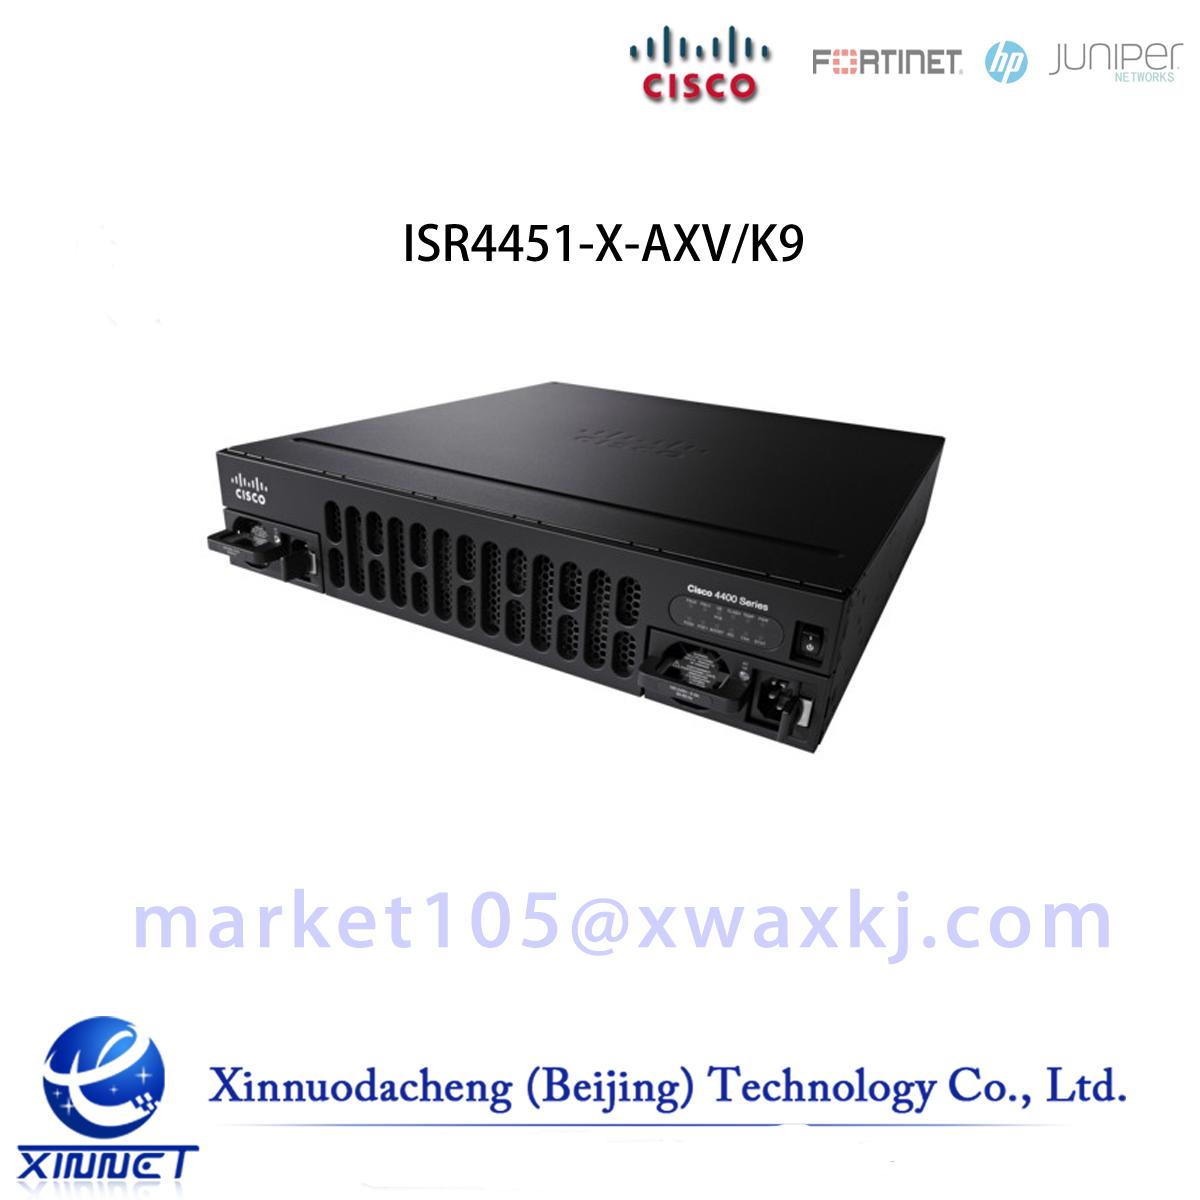 ISR4451-X-AXV/K9 Cisco ISR 4451 AXV Bundle, PVDM4-64 w/APP,SEC,UC lic,CUBE- 25